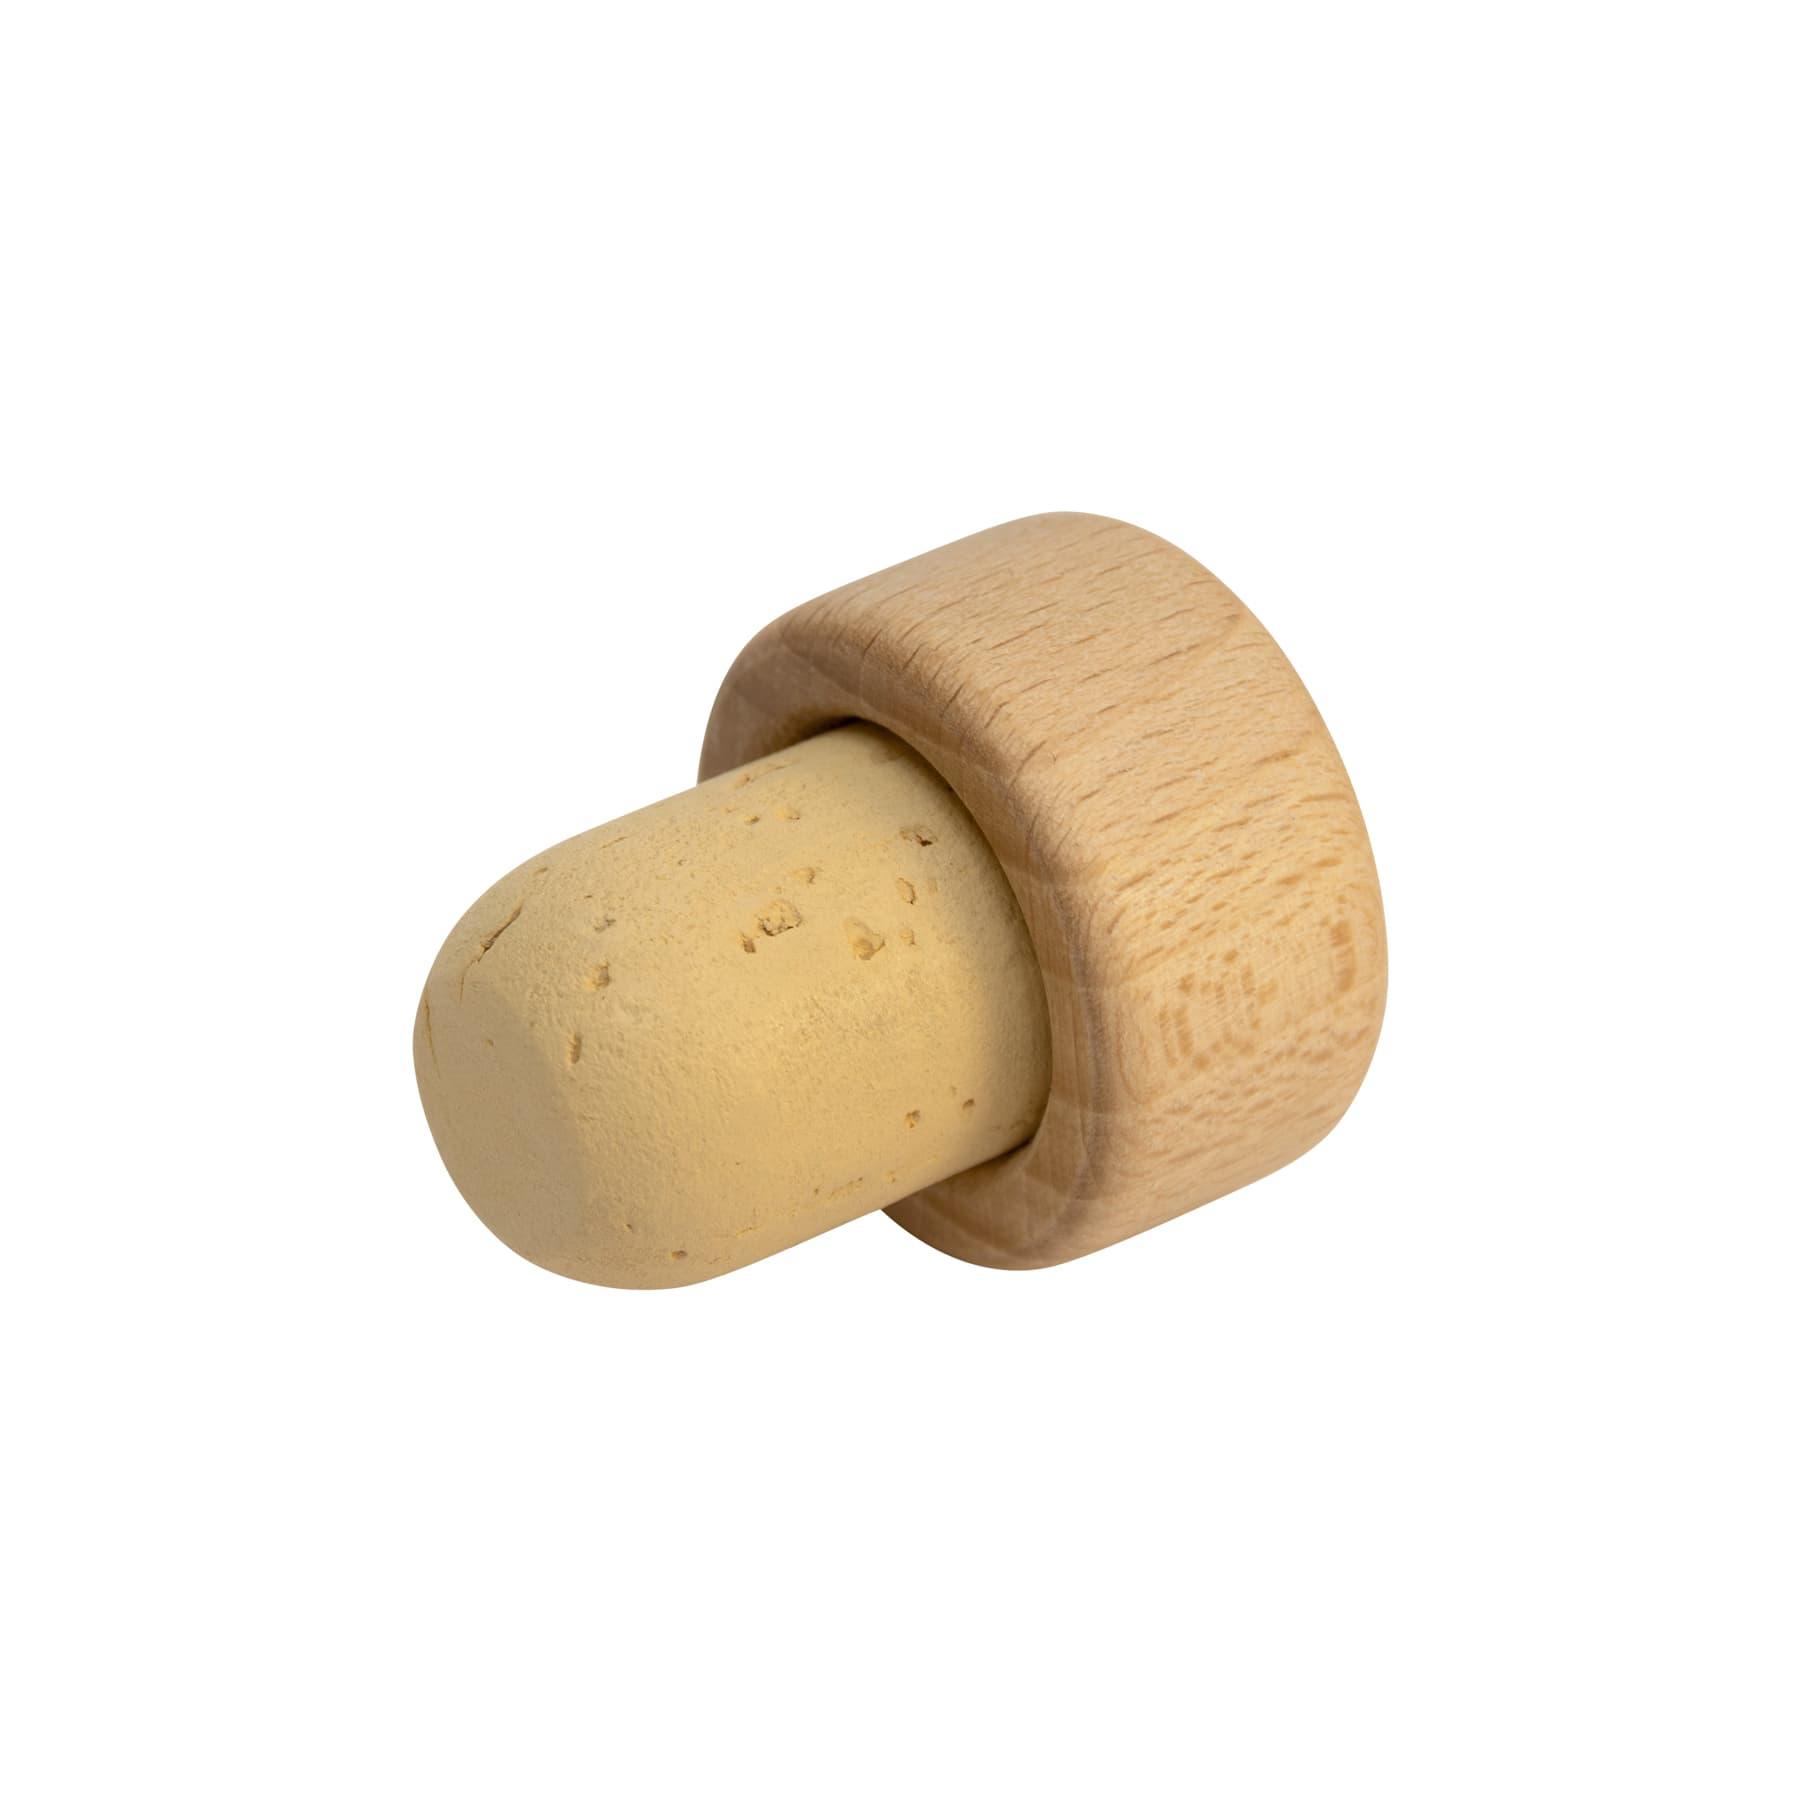 Holzgriffkorken glatt  28,5 x 15 mm, Kork 24,5 x 18,1 mm (z.B. f. Dreiecksfl.)